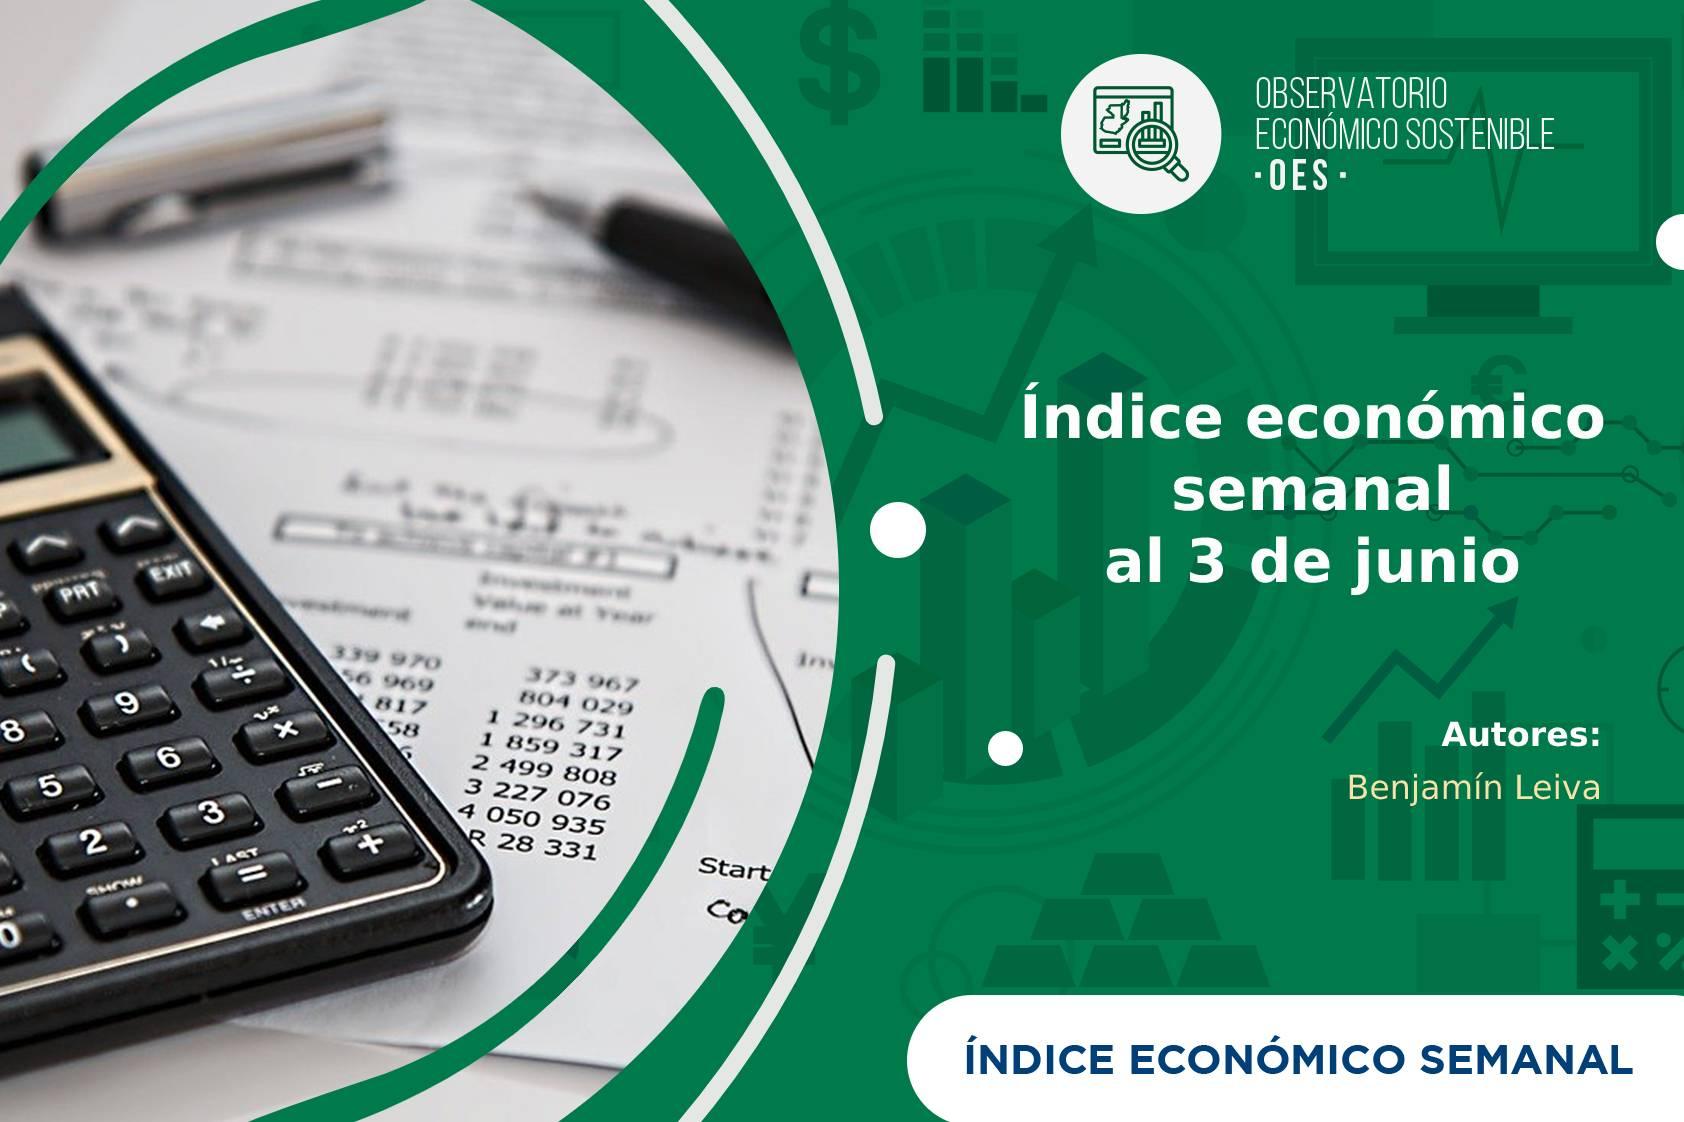 El IES vuelve a subir al 27 de mayo a causa del aumento en las exportaciones, remesas y vuelos